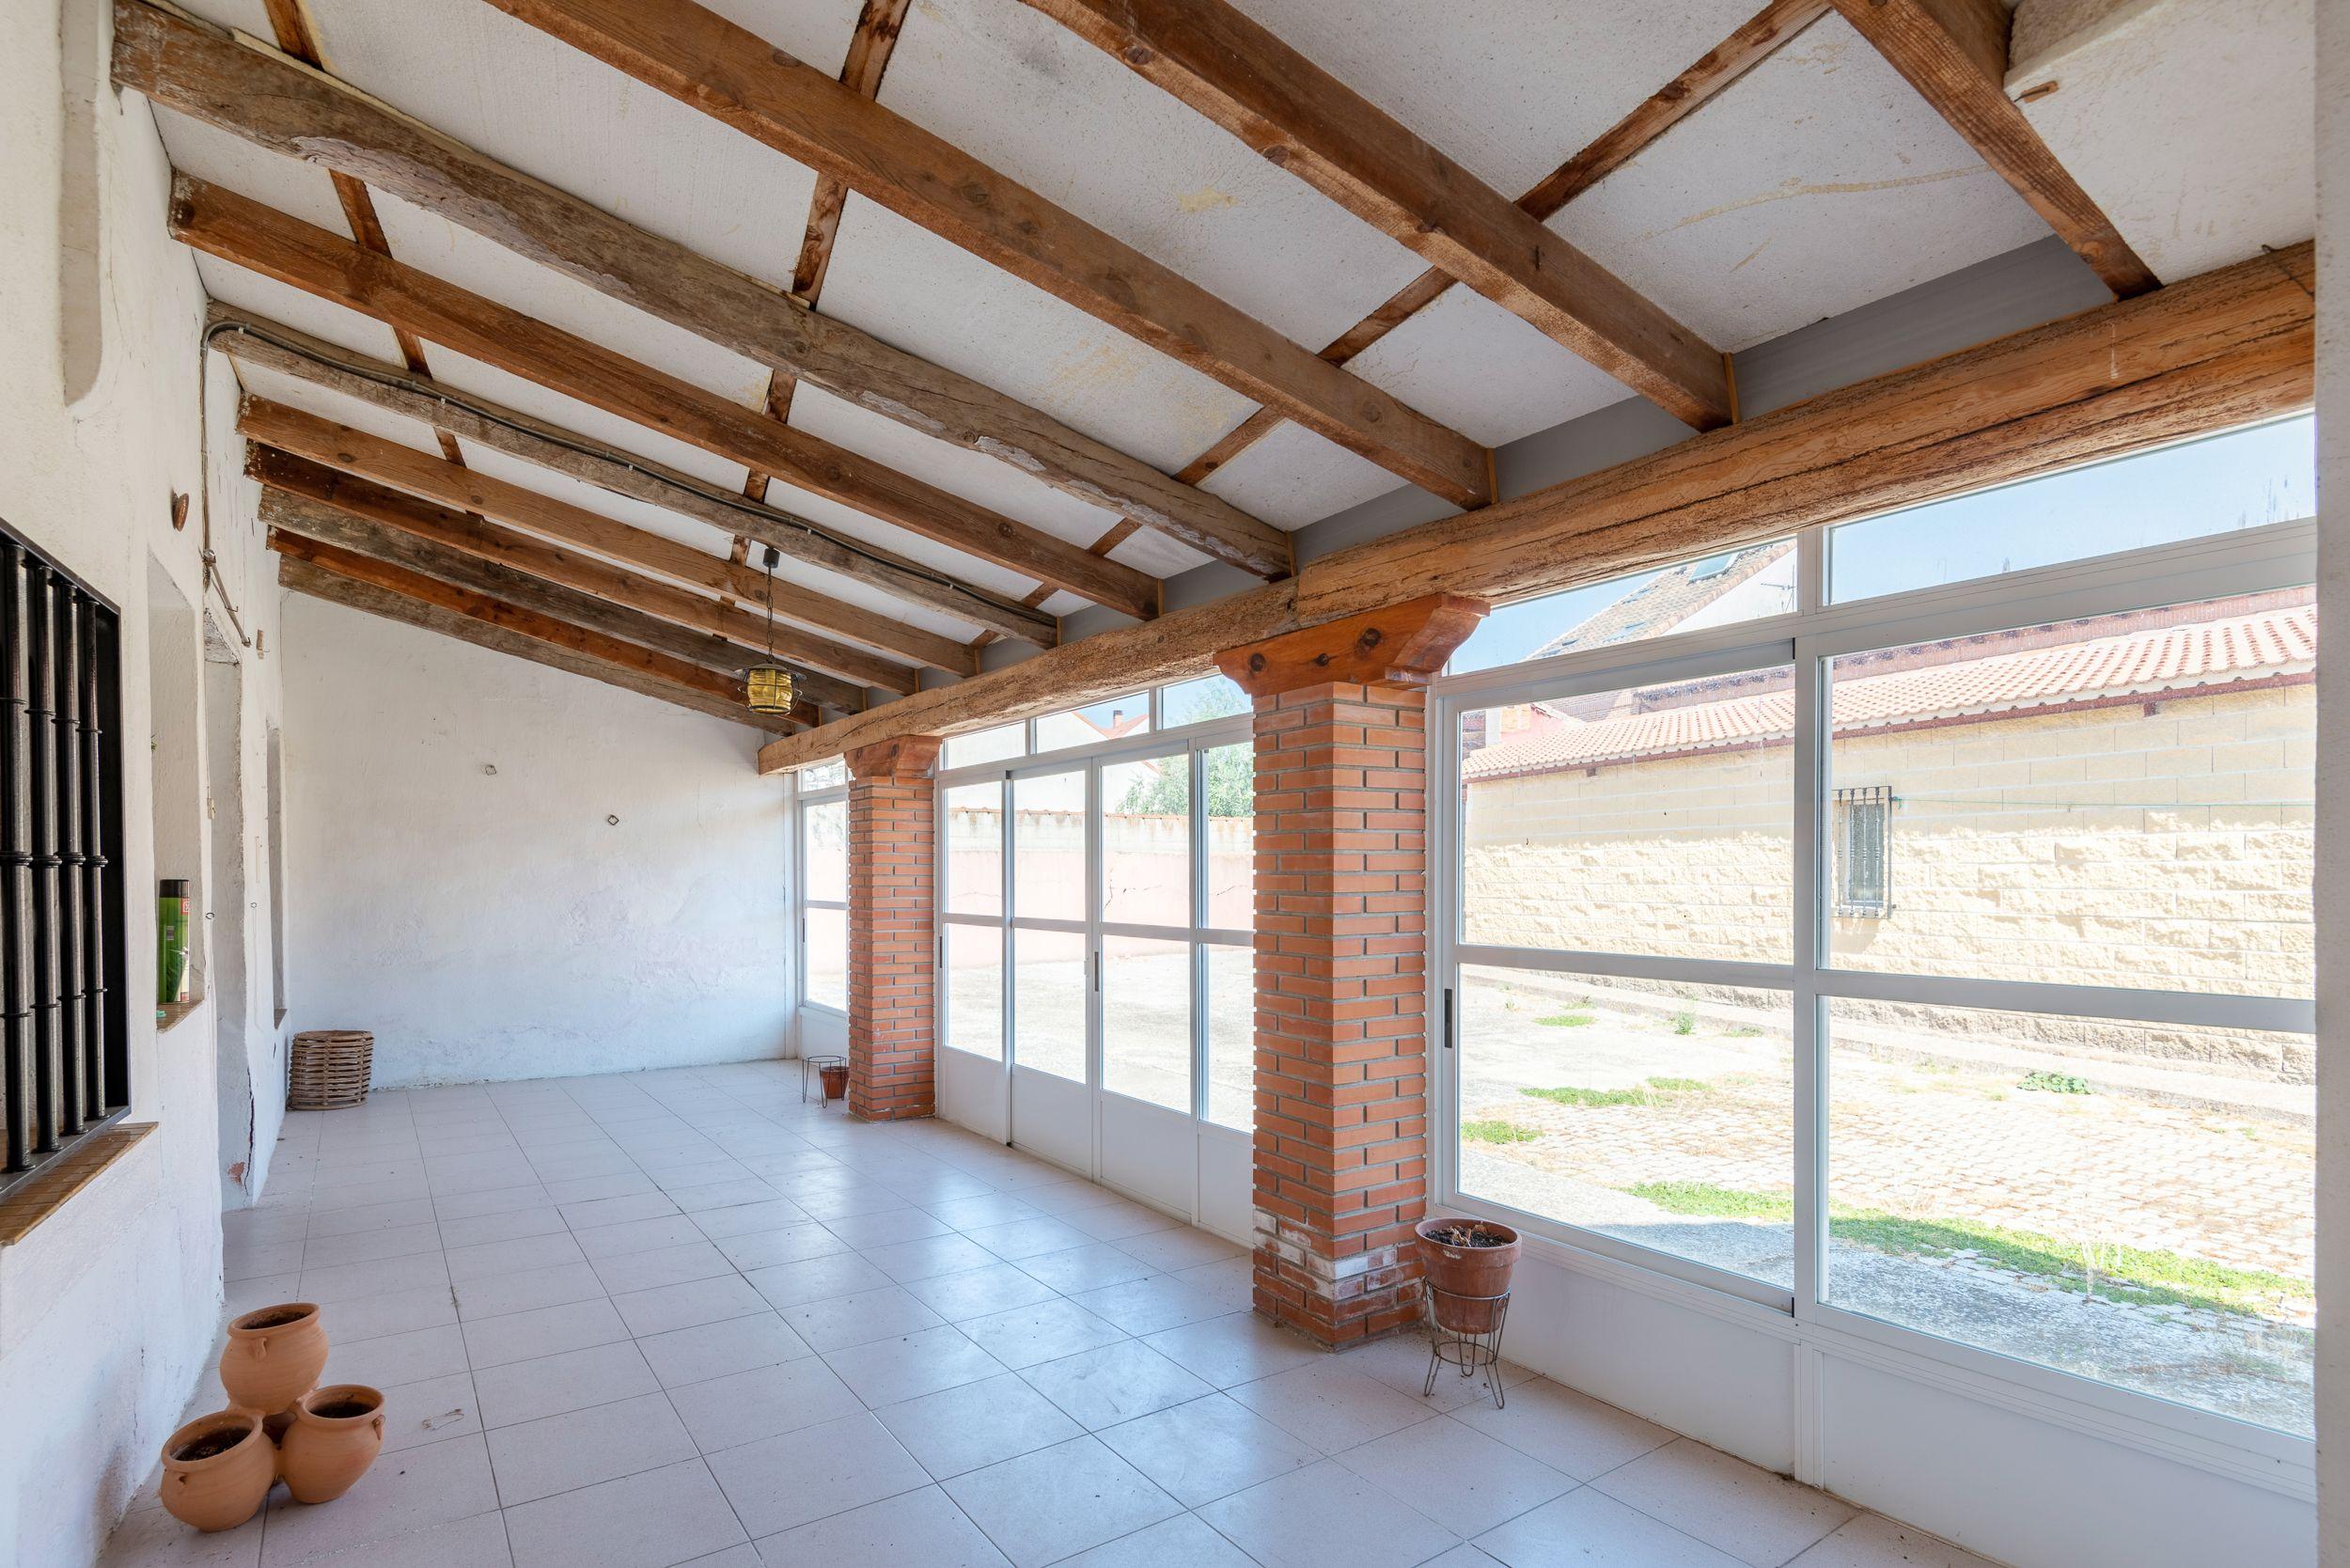 Casa vivienda de pueblo en El Casar (centro): Inmuebles de JR Team KW